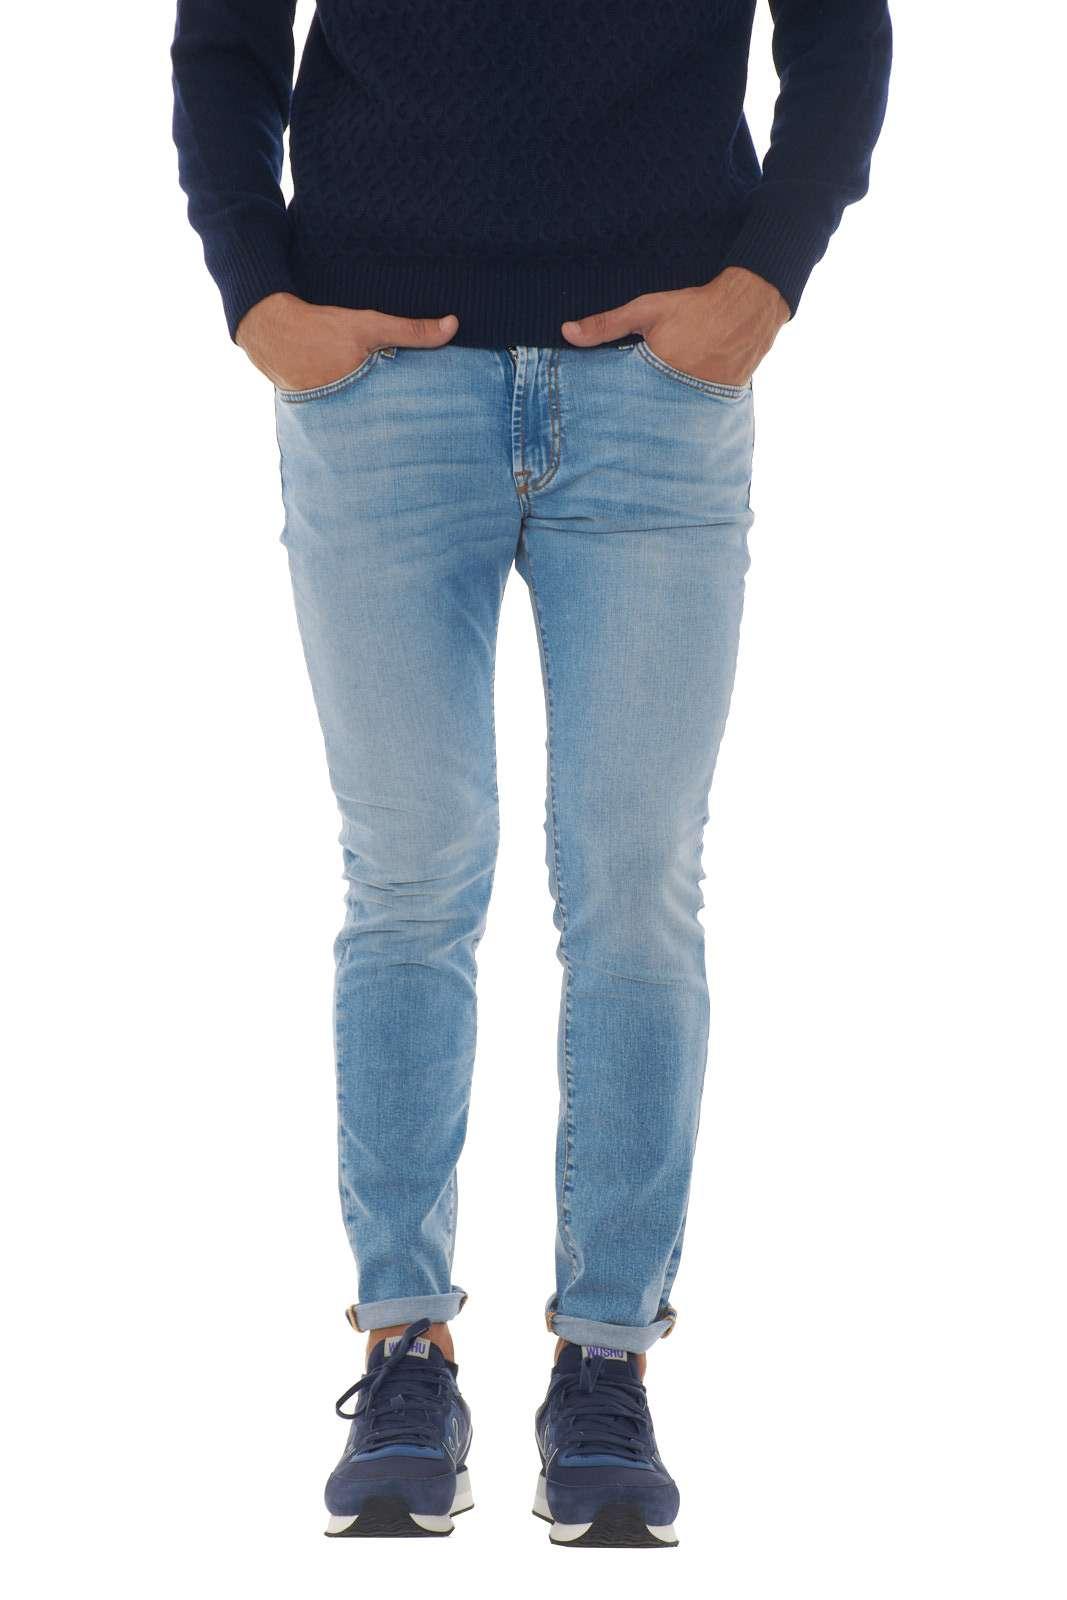 https://www.parmax.com/media/catalog/product/a/i/AI-Outlet_Parmax-Pantalone-Uomo-Royrogers-A19RRU076D3171241-A.jpg